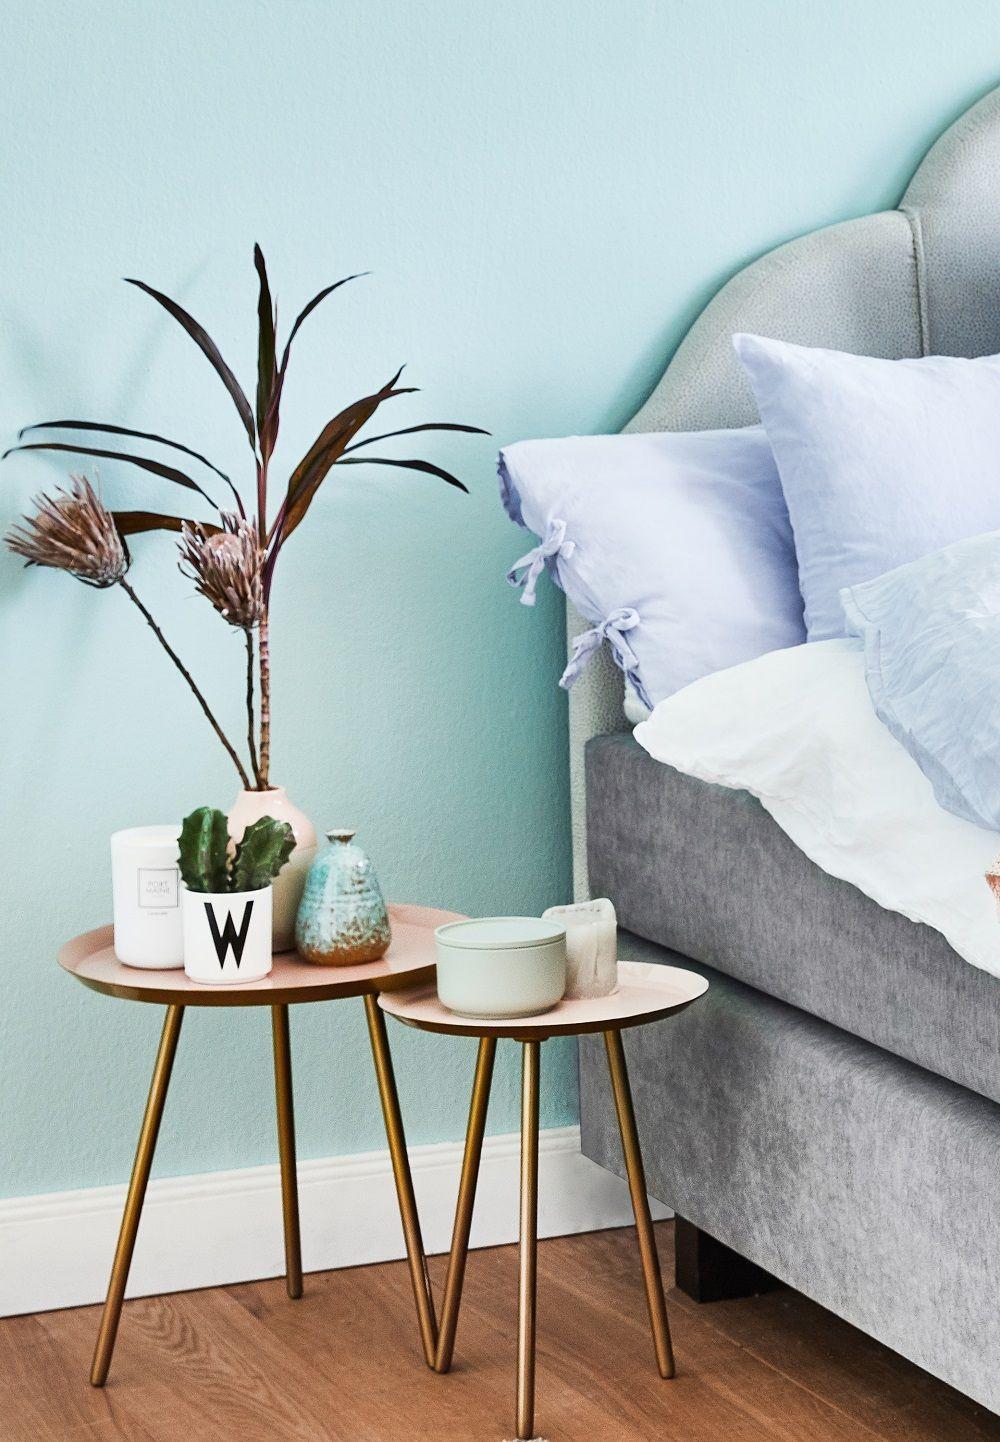 Just Perfect Das Elegant Beistelltisch Set Carry Uberzeugt Durch Sein Luftig Leichtes Und Z Beistelltische Schlafzimmer Beistelltisch 2er Set Inneneinrichtung